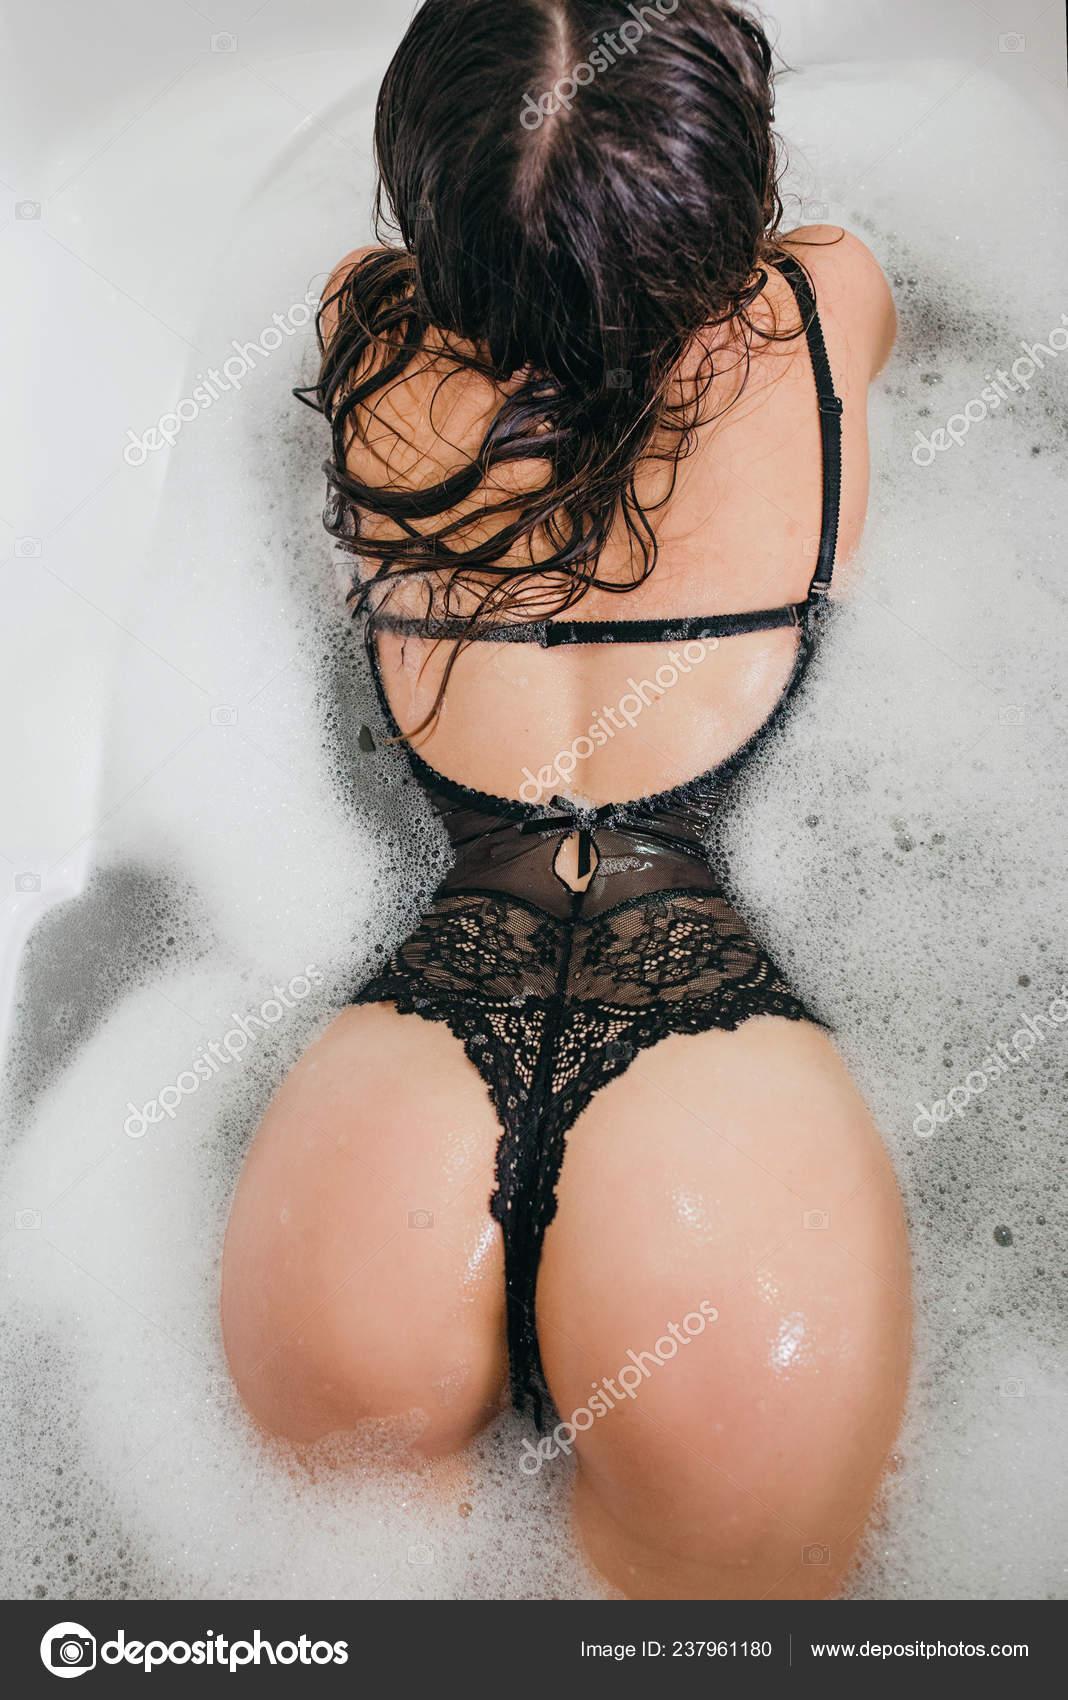 Sexy Ass Women